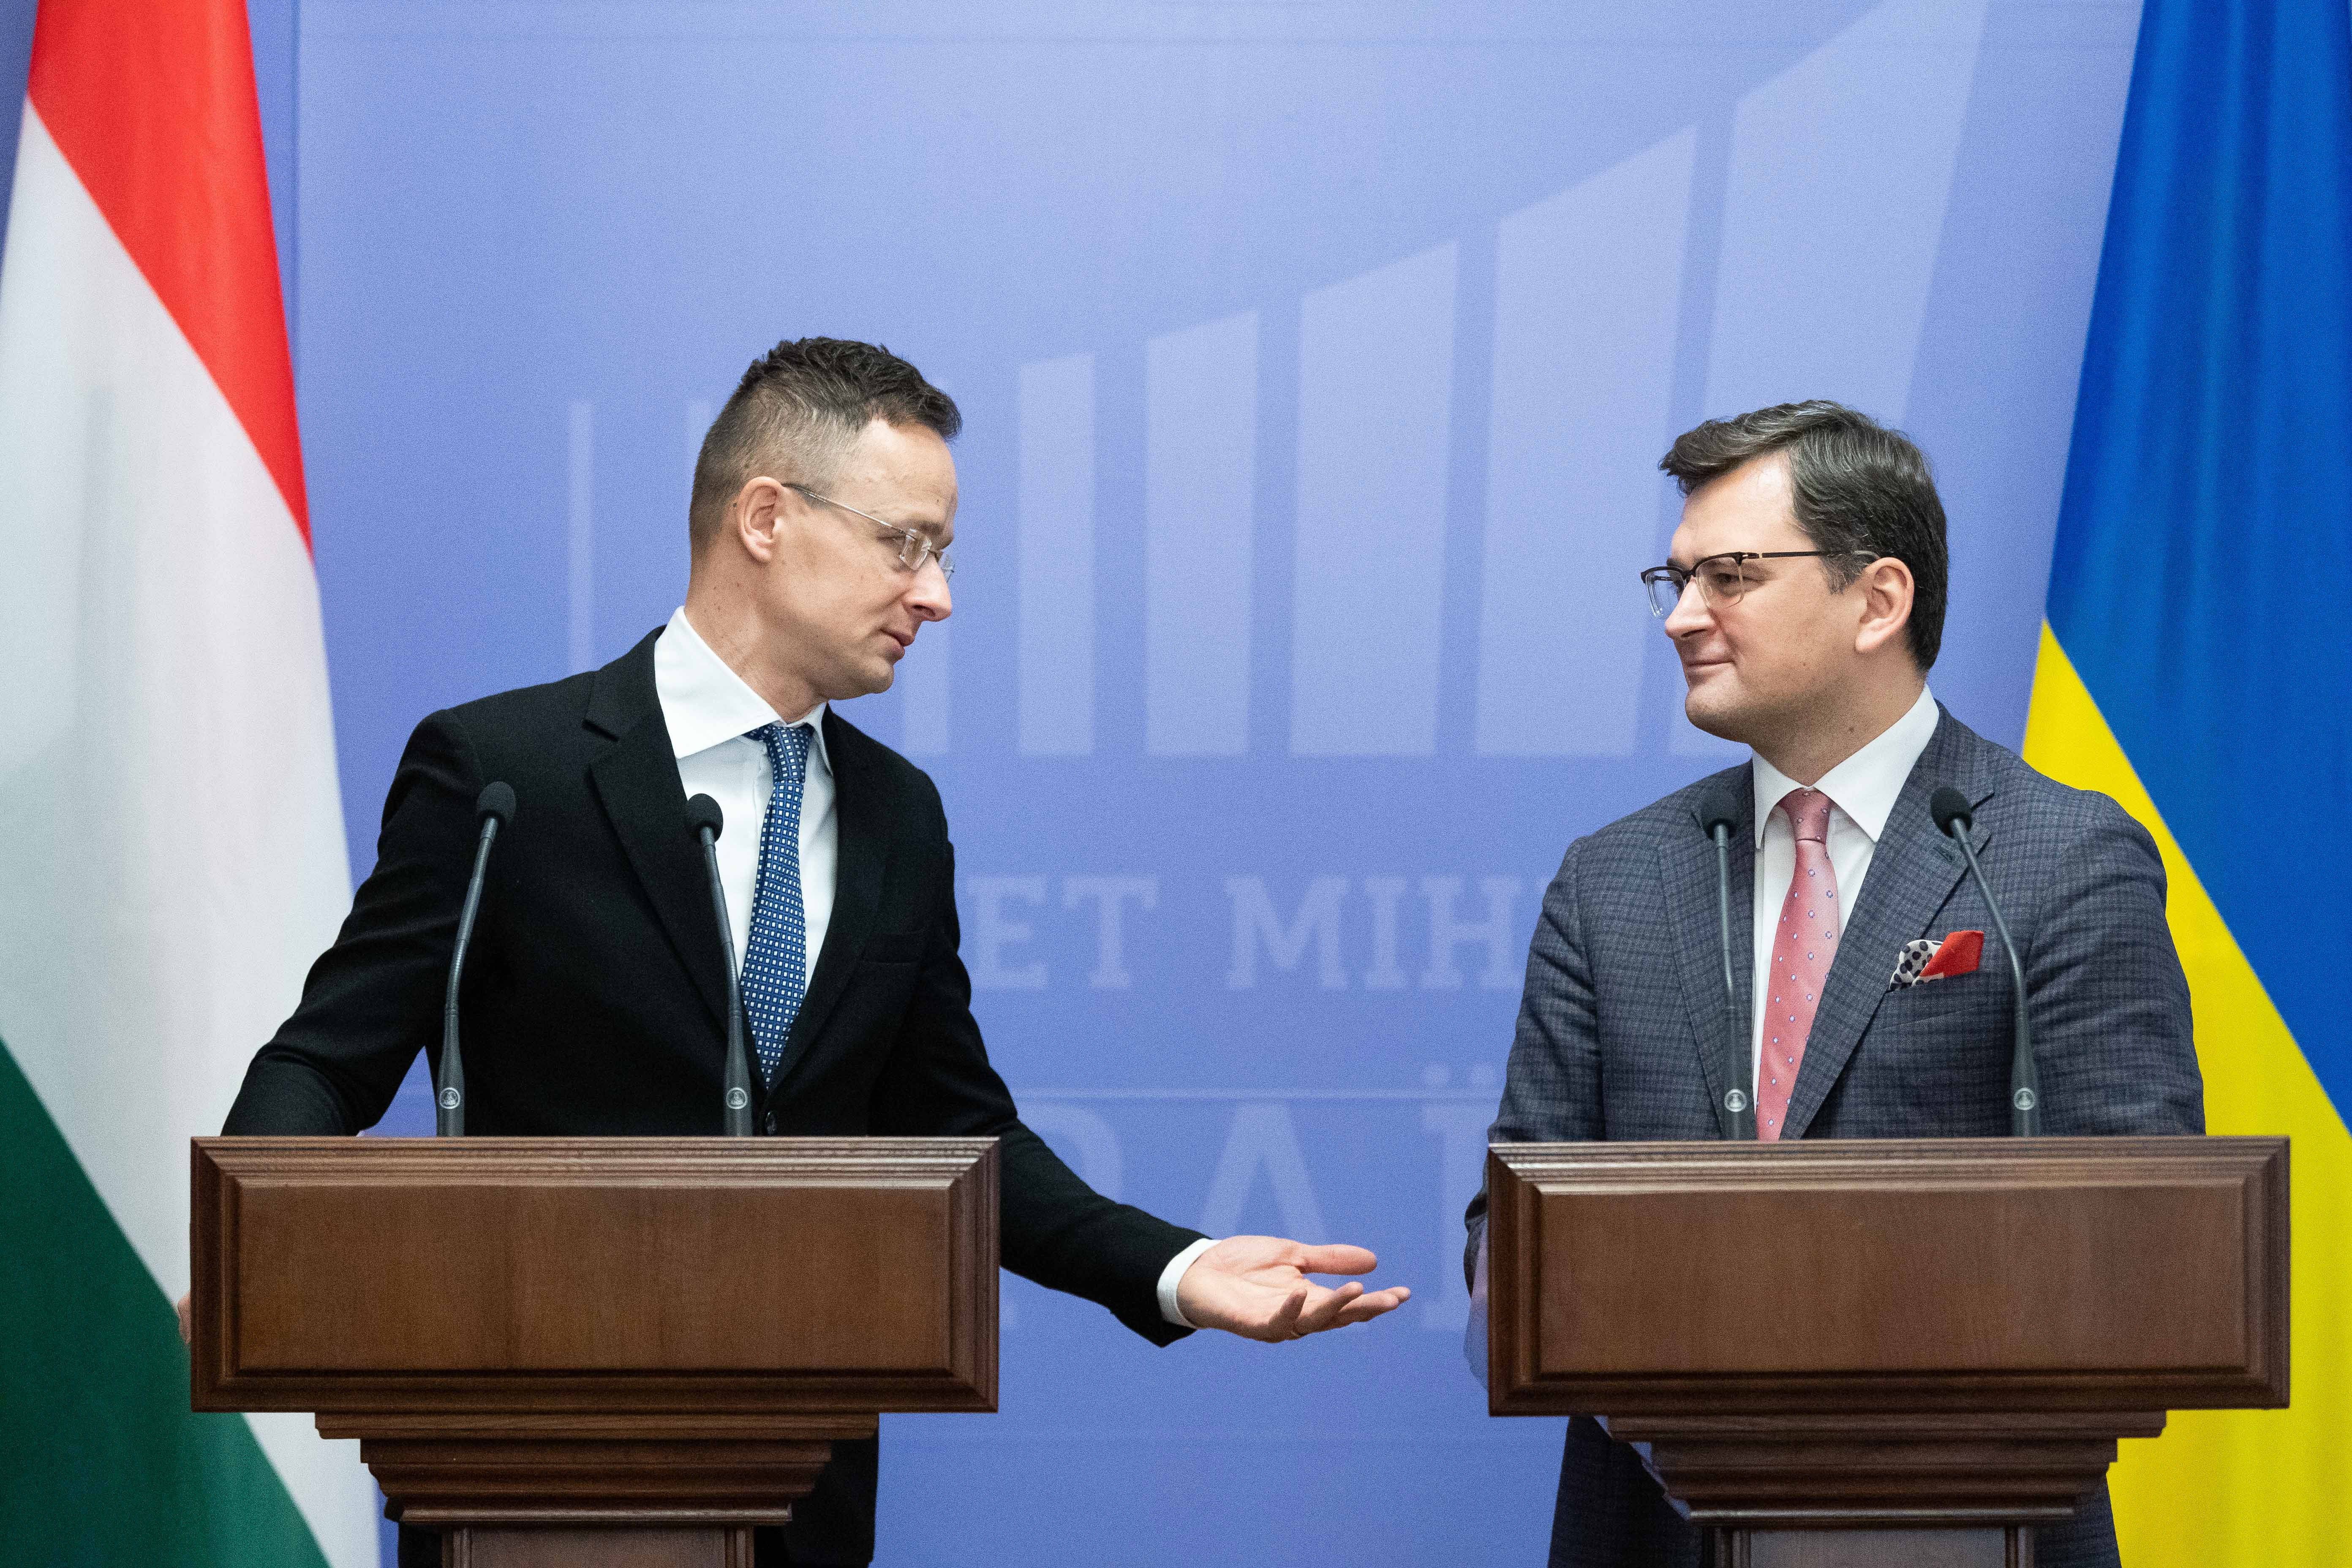 Az ukrán külügyminiszter szerint ők nem akarnak politikai harcot vívni Magyarországgal